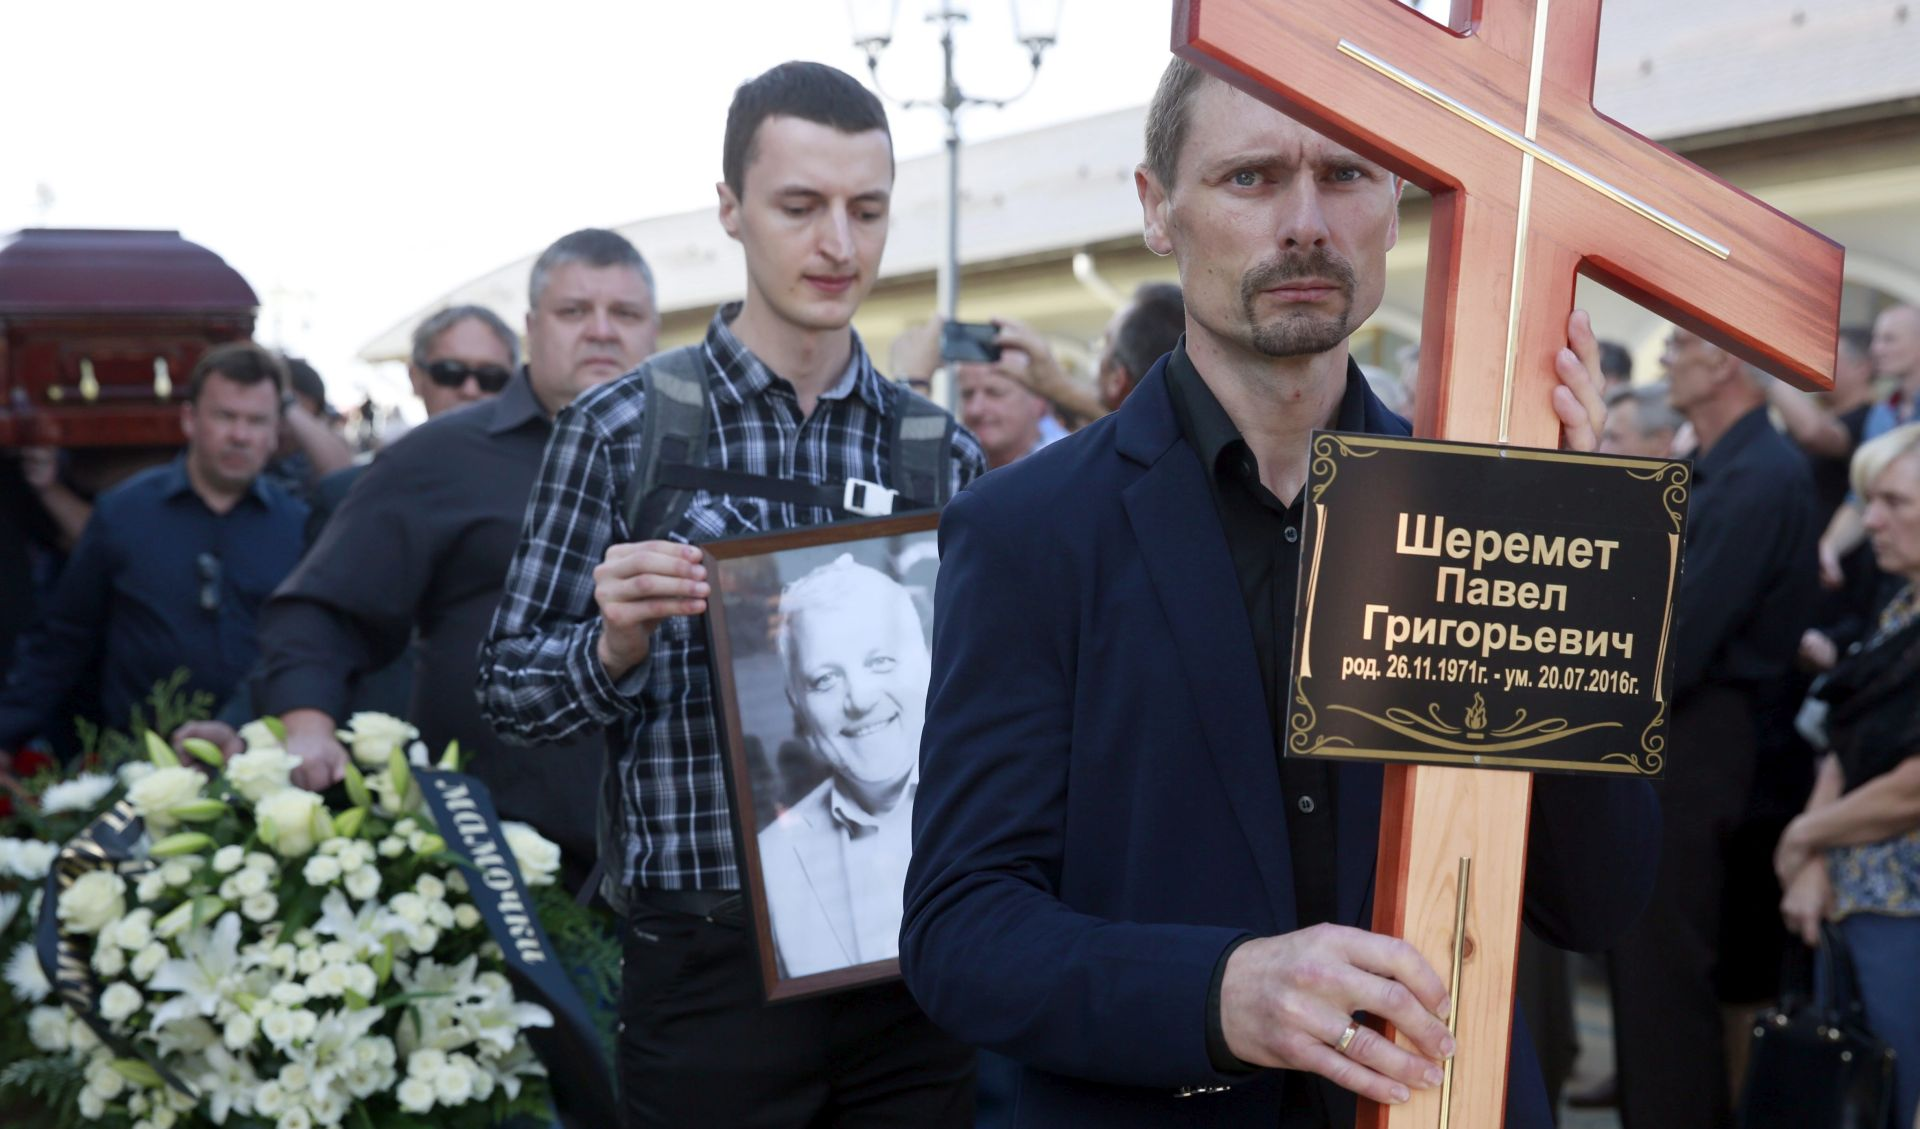 Tisuće ljudi u bjeloruskom Minsku odale počast nedavno ubijenom novinaru